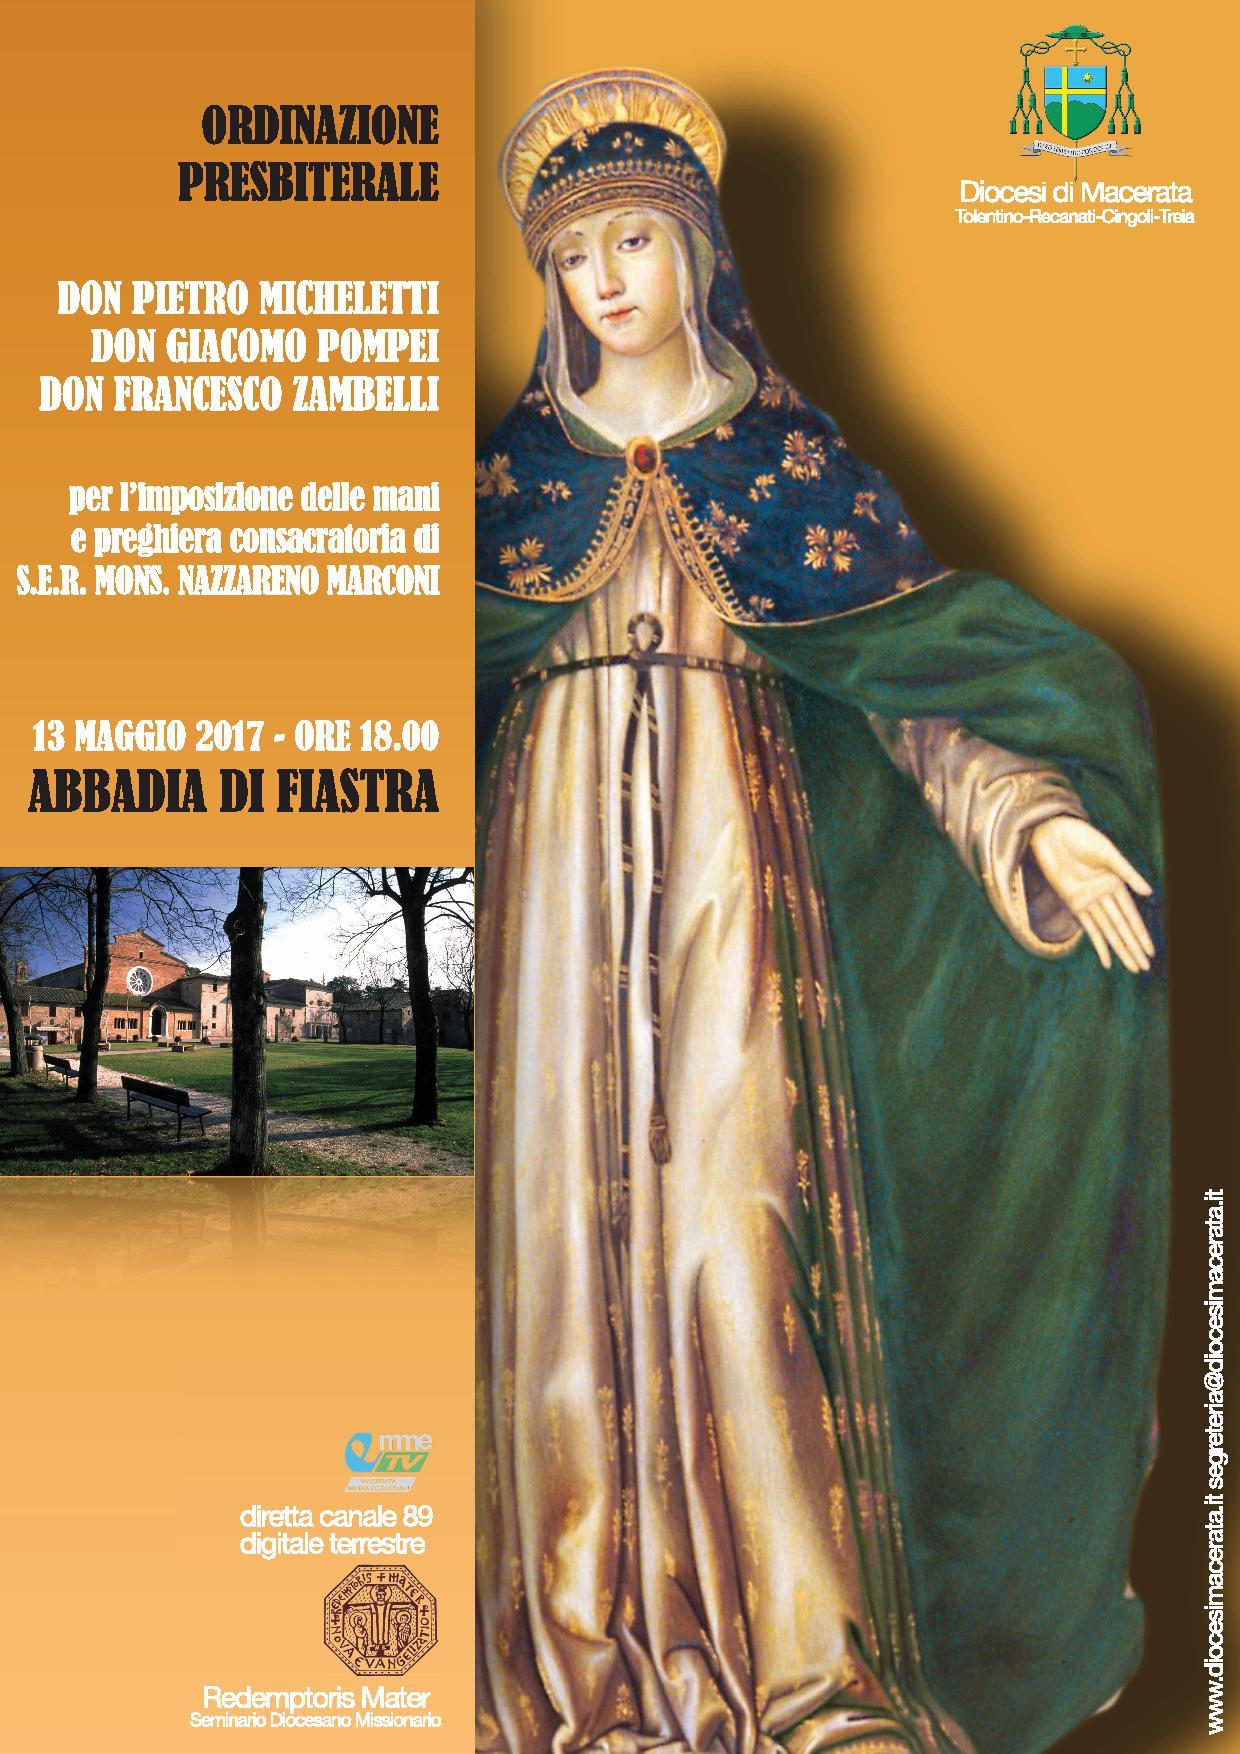 13 maggio: Ordinazioni Presbiterali